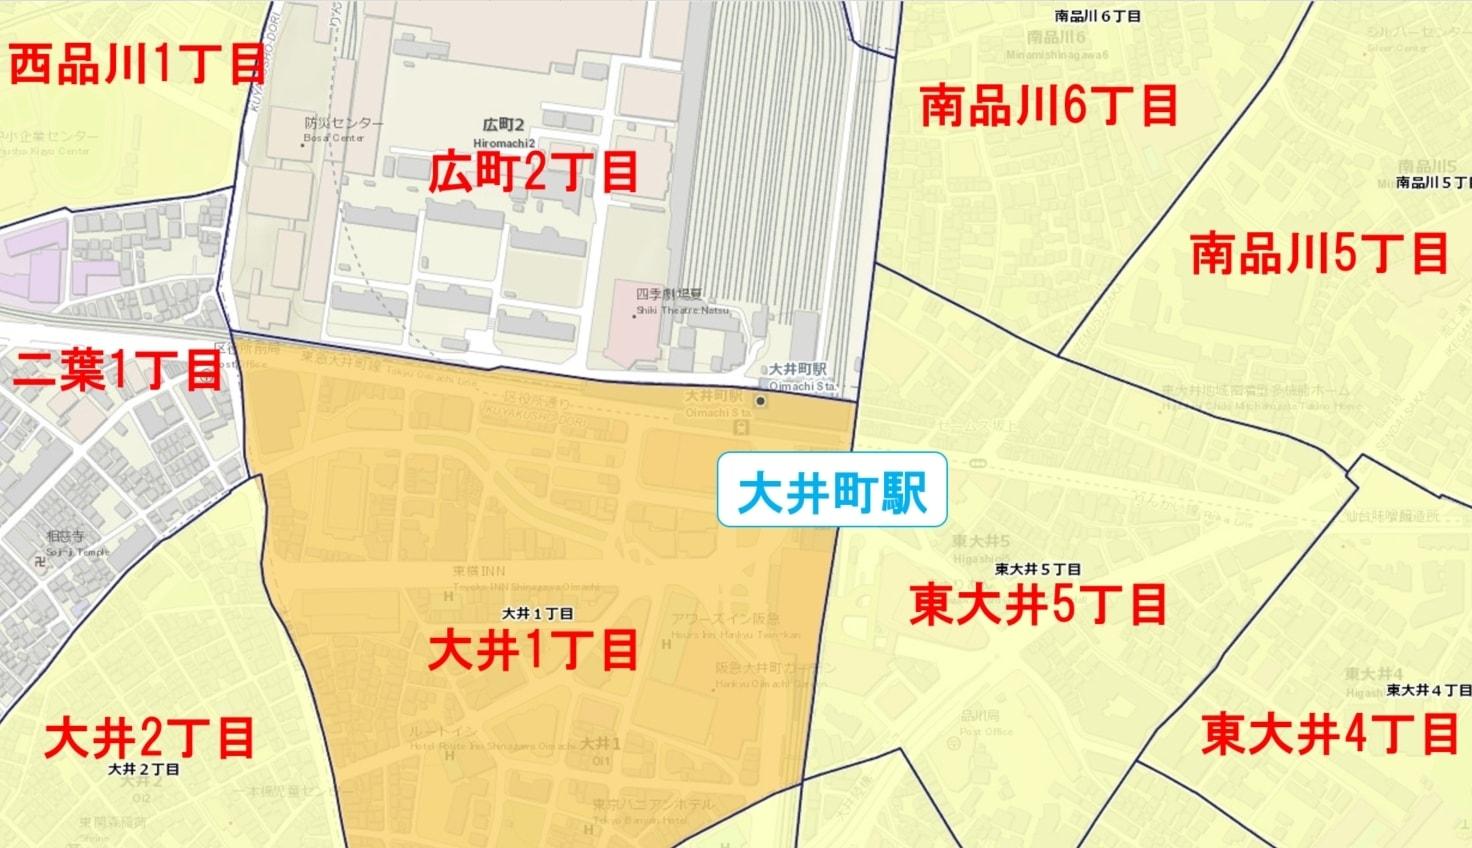 大井町駅周辺の粗暴犯の犯罪件数マップ